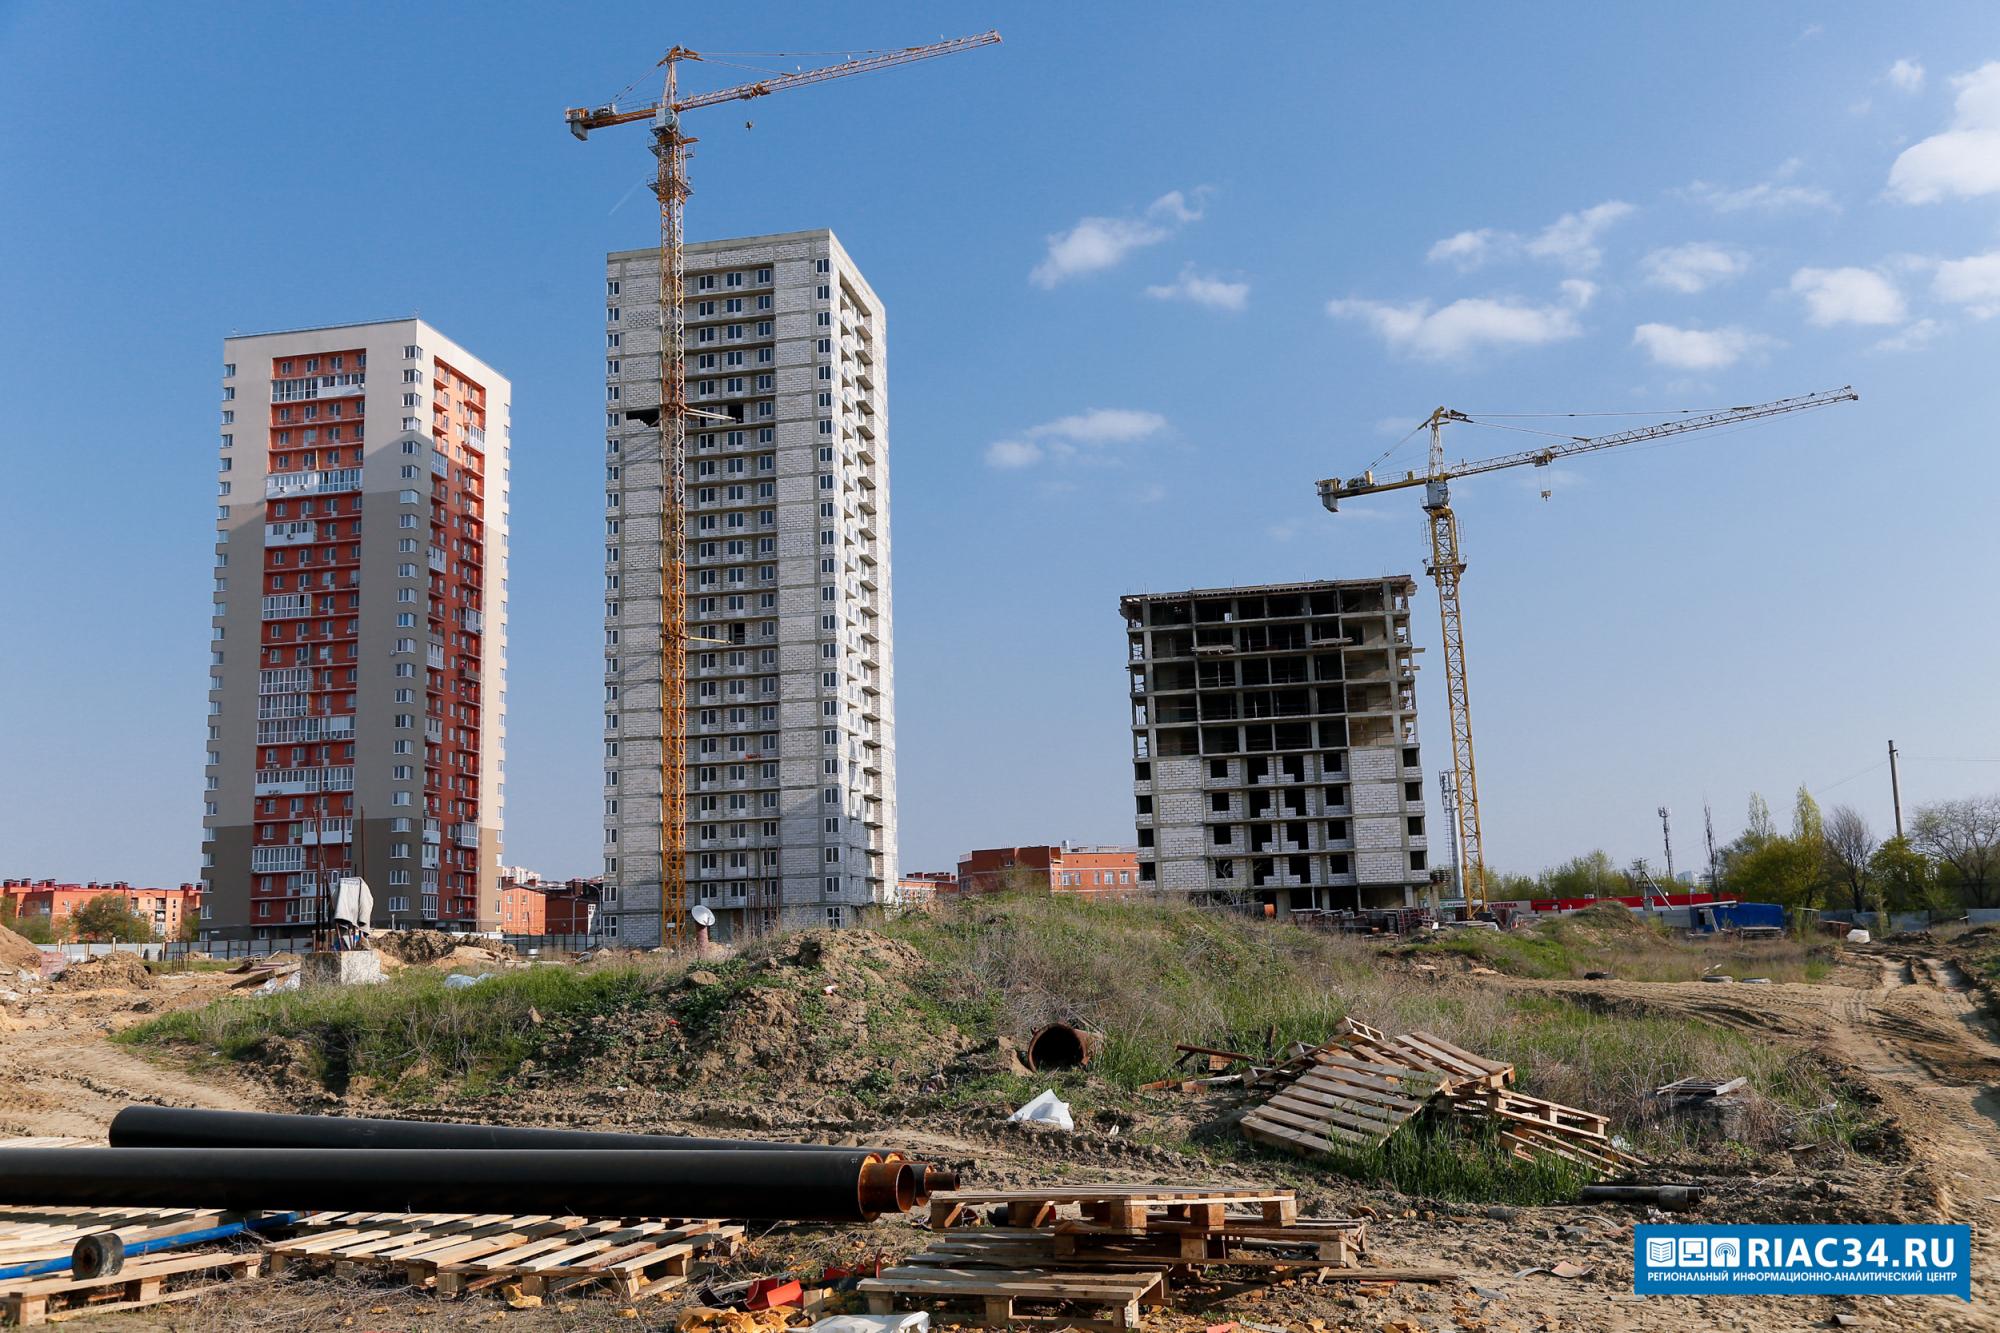 Сайт строительной компании в волгоградской области лучшие сервисы по поведенческим факторам